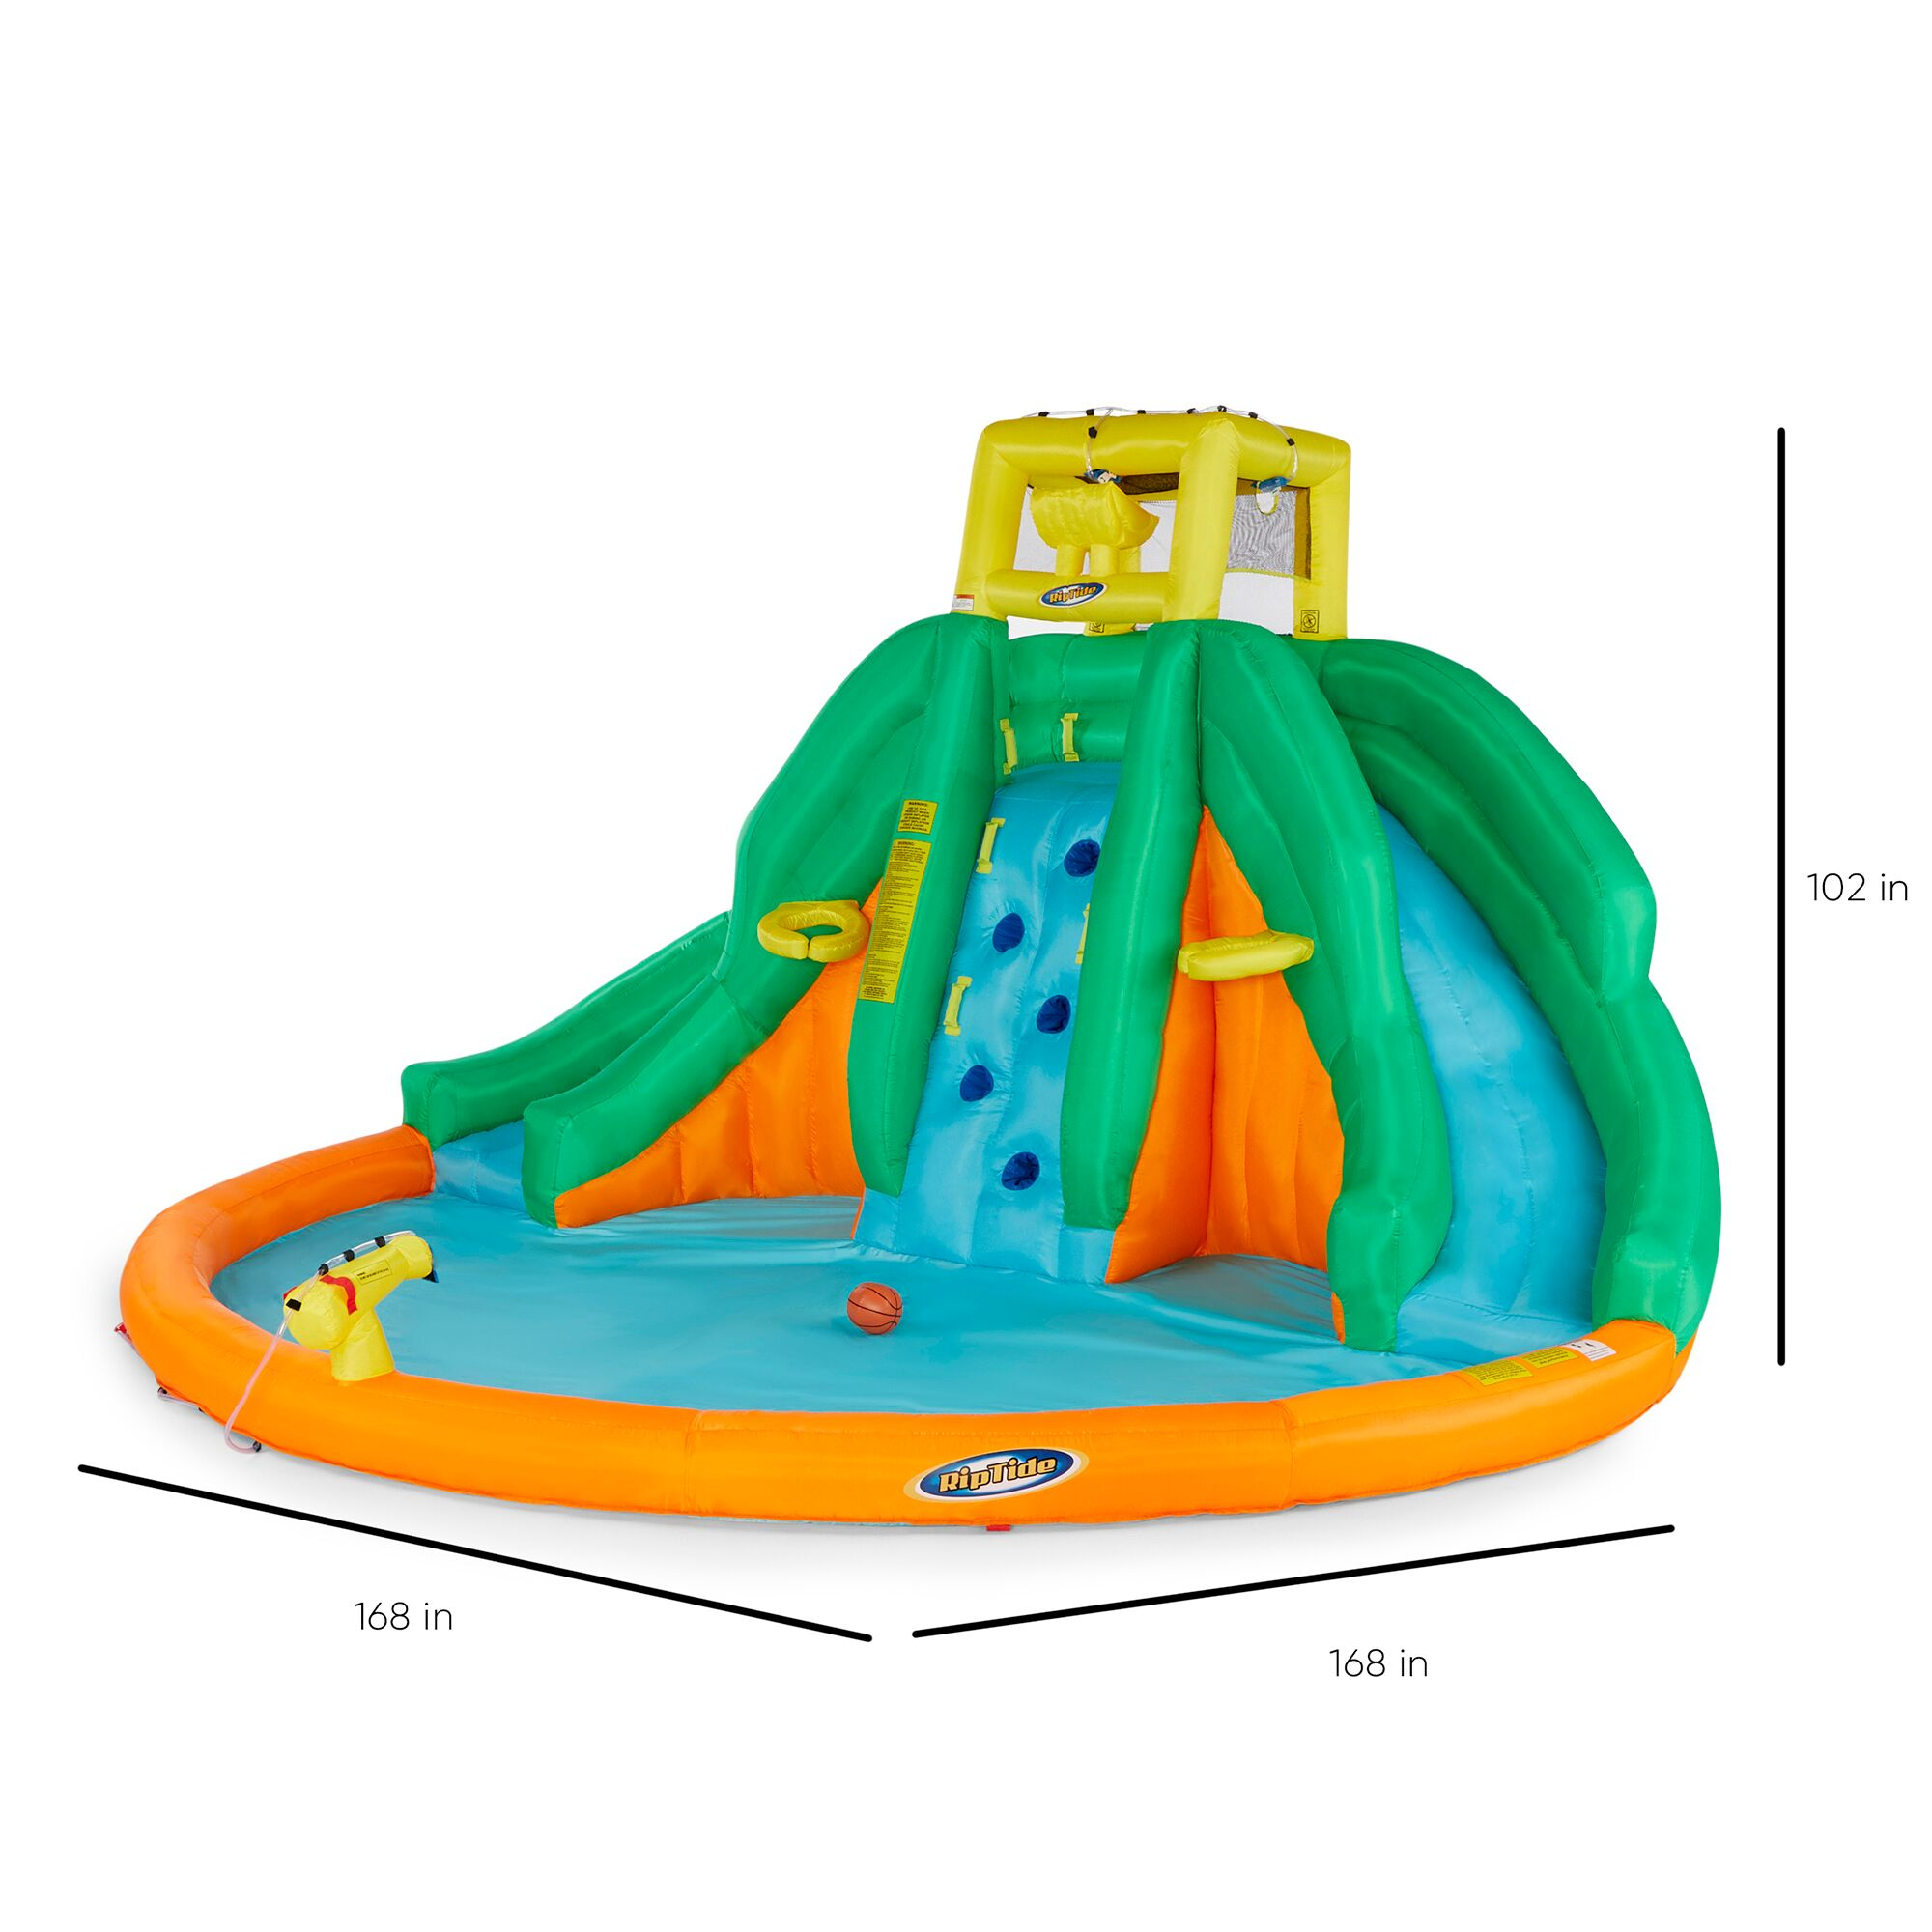 Kahuna 90475 Twin Peaks Kids Inflatable Splash Pool ...